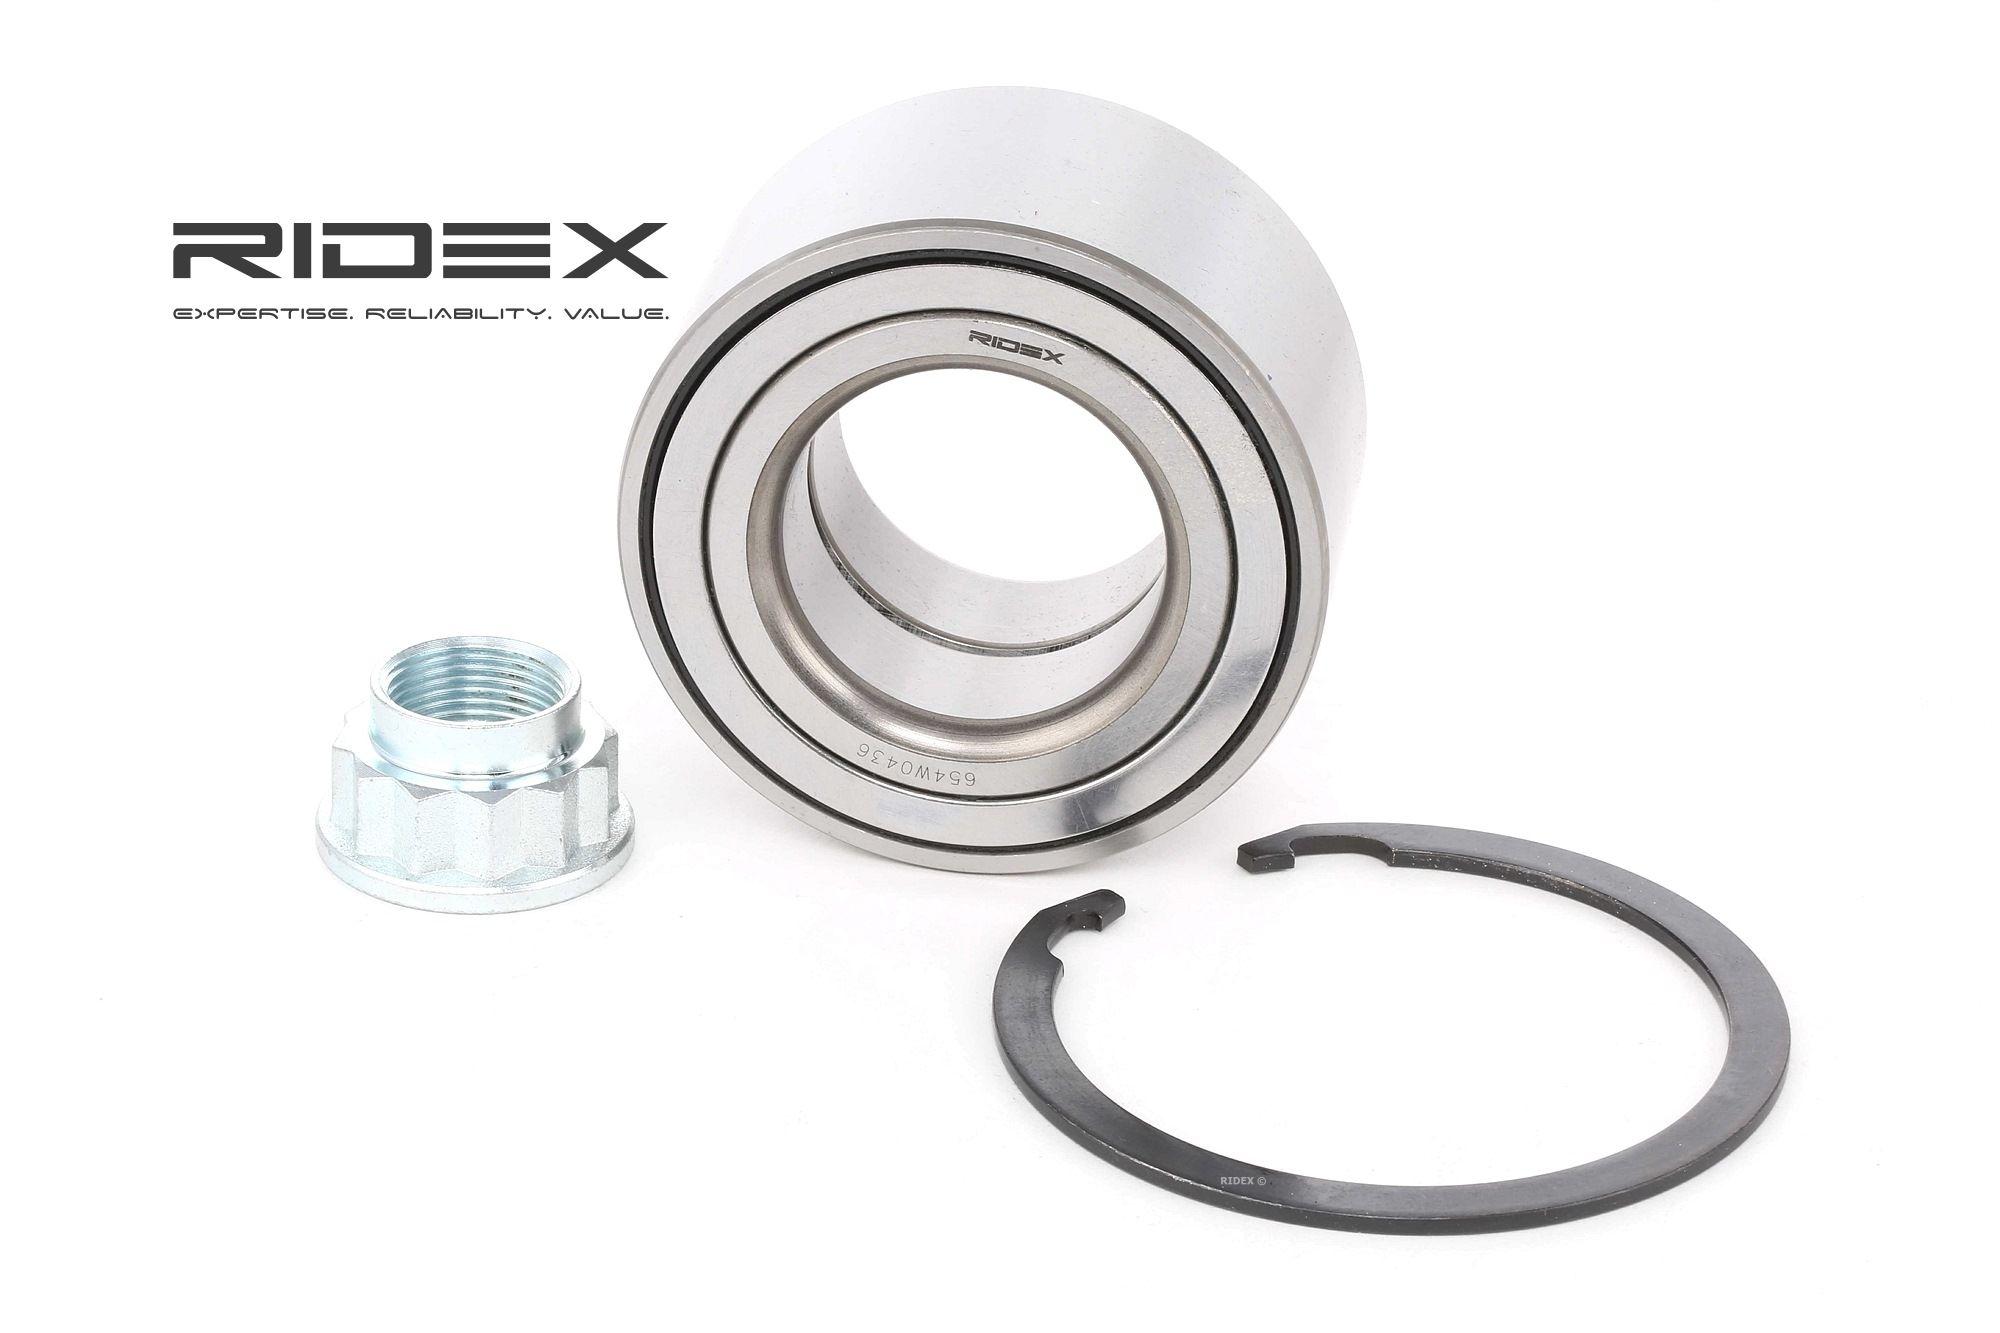 Rodamiento de Rueda RIDEX 654W0436 evaluación